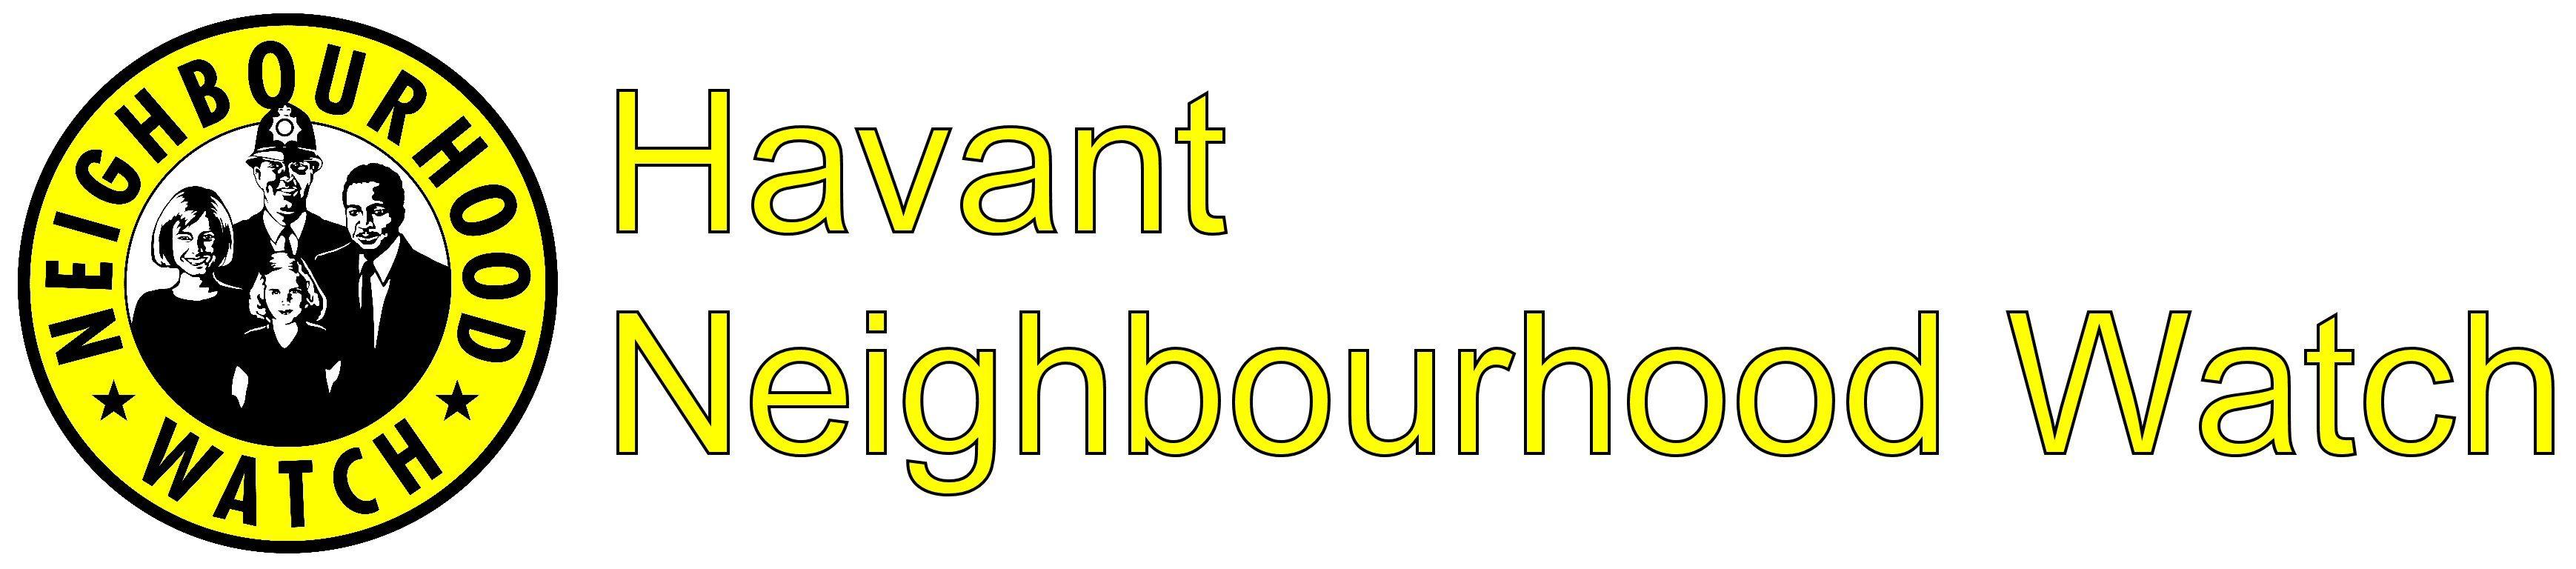 Havant Neighbourhood Watch Association